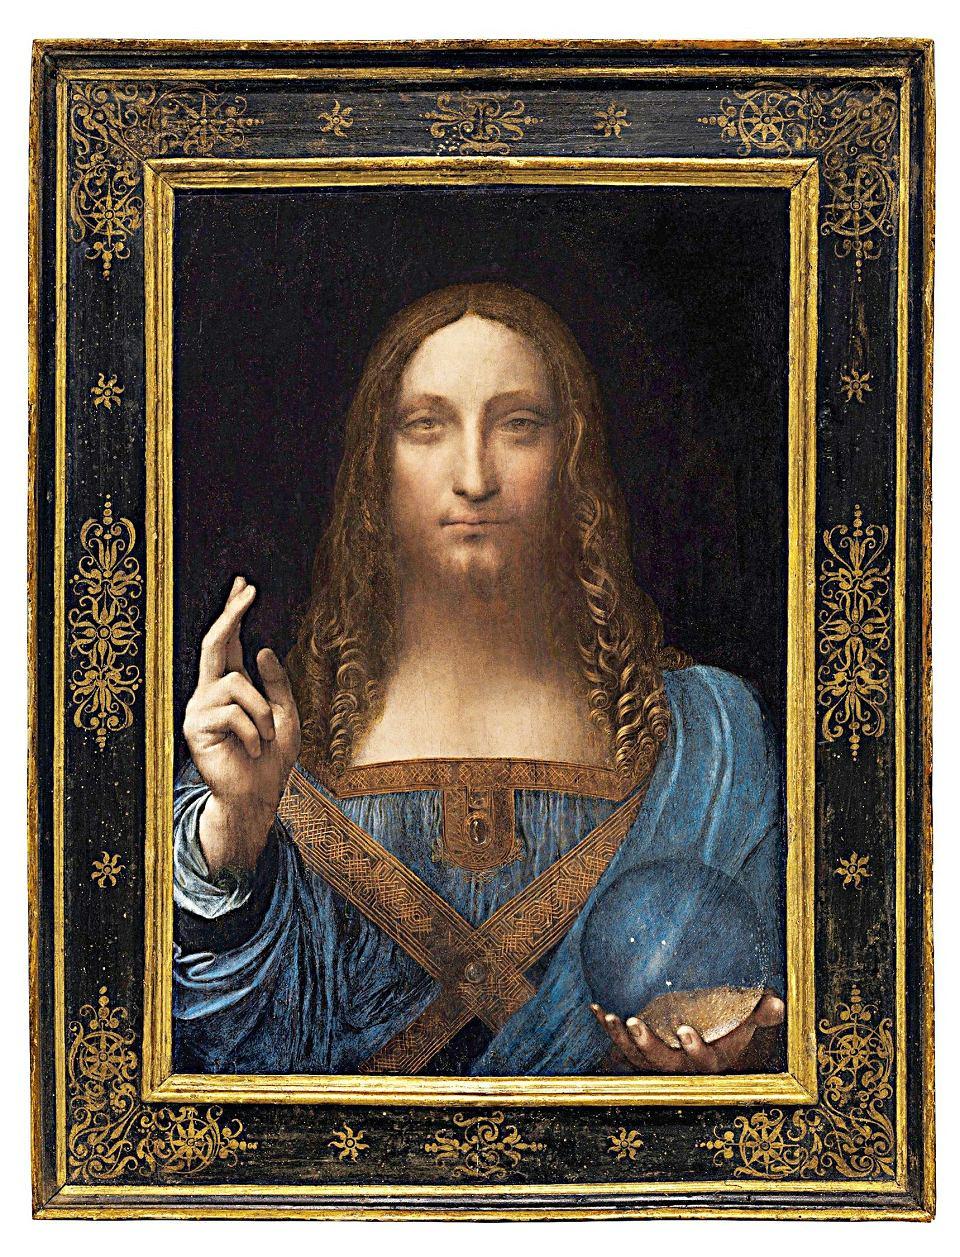 Na zdjęciu: 'Salvator Mundi' został sprzedany w listopadzie ub.r. na aukcji w nowojorskim Christie's za 450,3 mln dol. To rekord wszech czasów